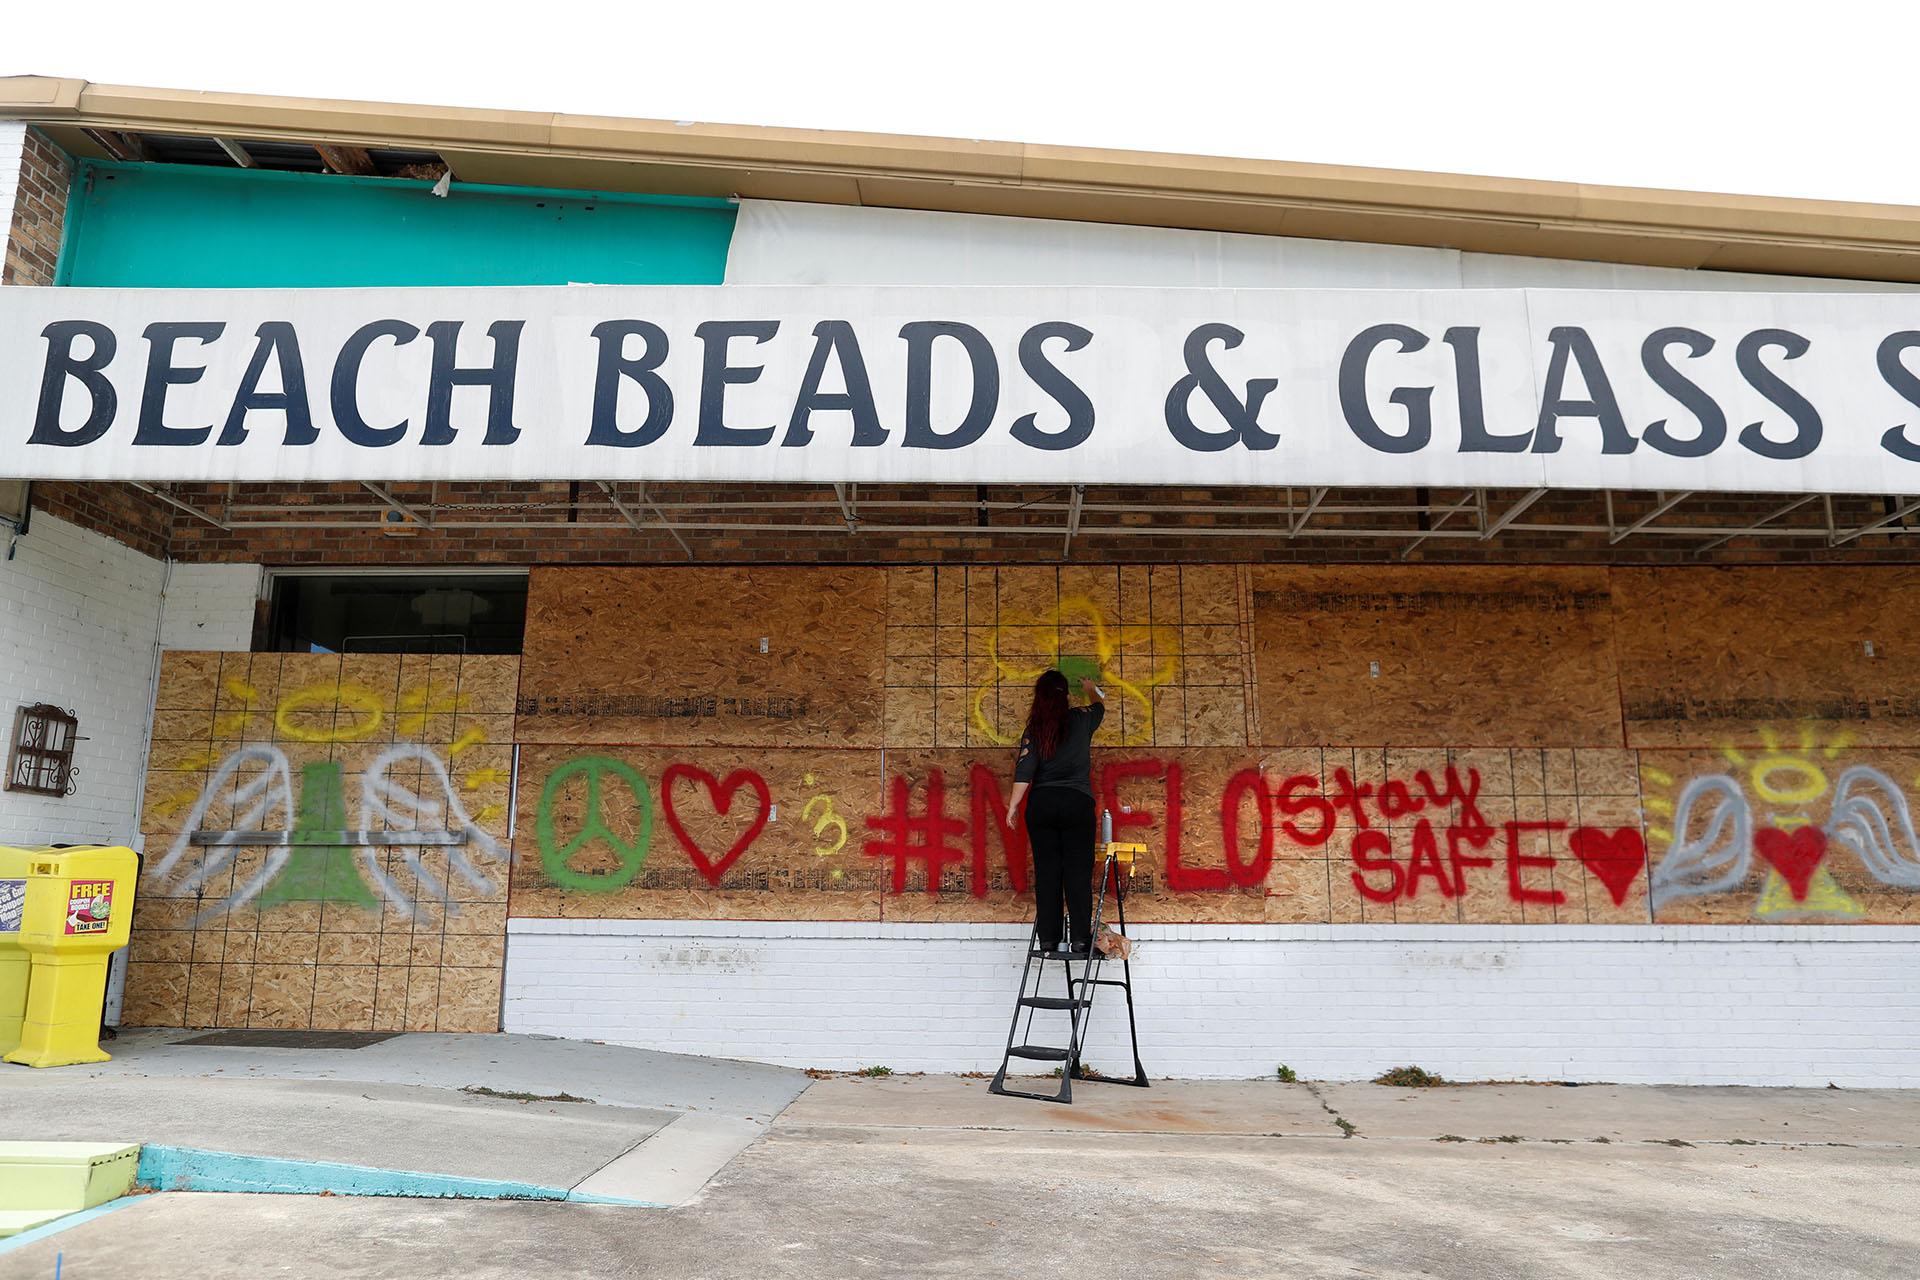 Heather Samson, dueña de Beach Beads and Glass Studio, usa pintura en aerosol para dejar mensajes en su negocio antes de la llegada del huracán Florence en Surfside Beach, Carolina del Sur (REUTERS/Randall Hill)